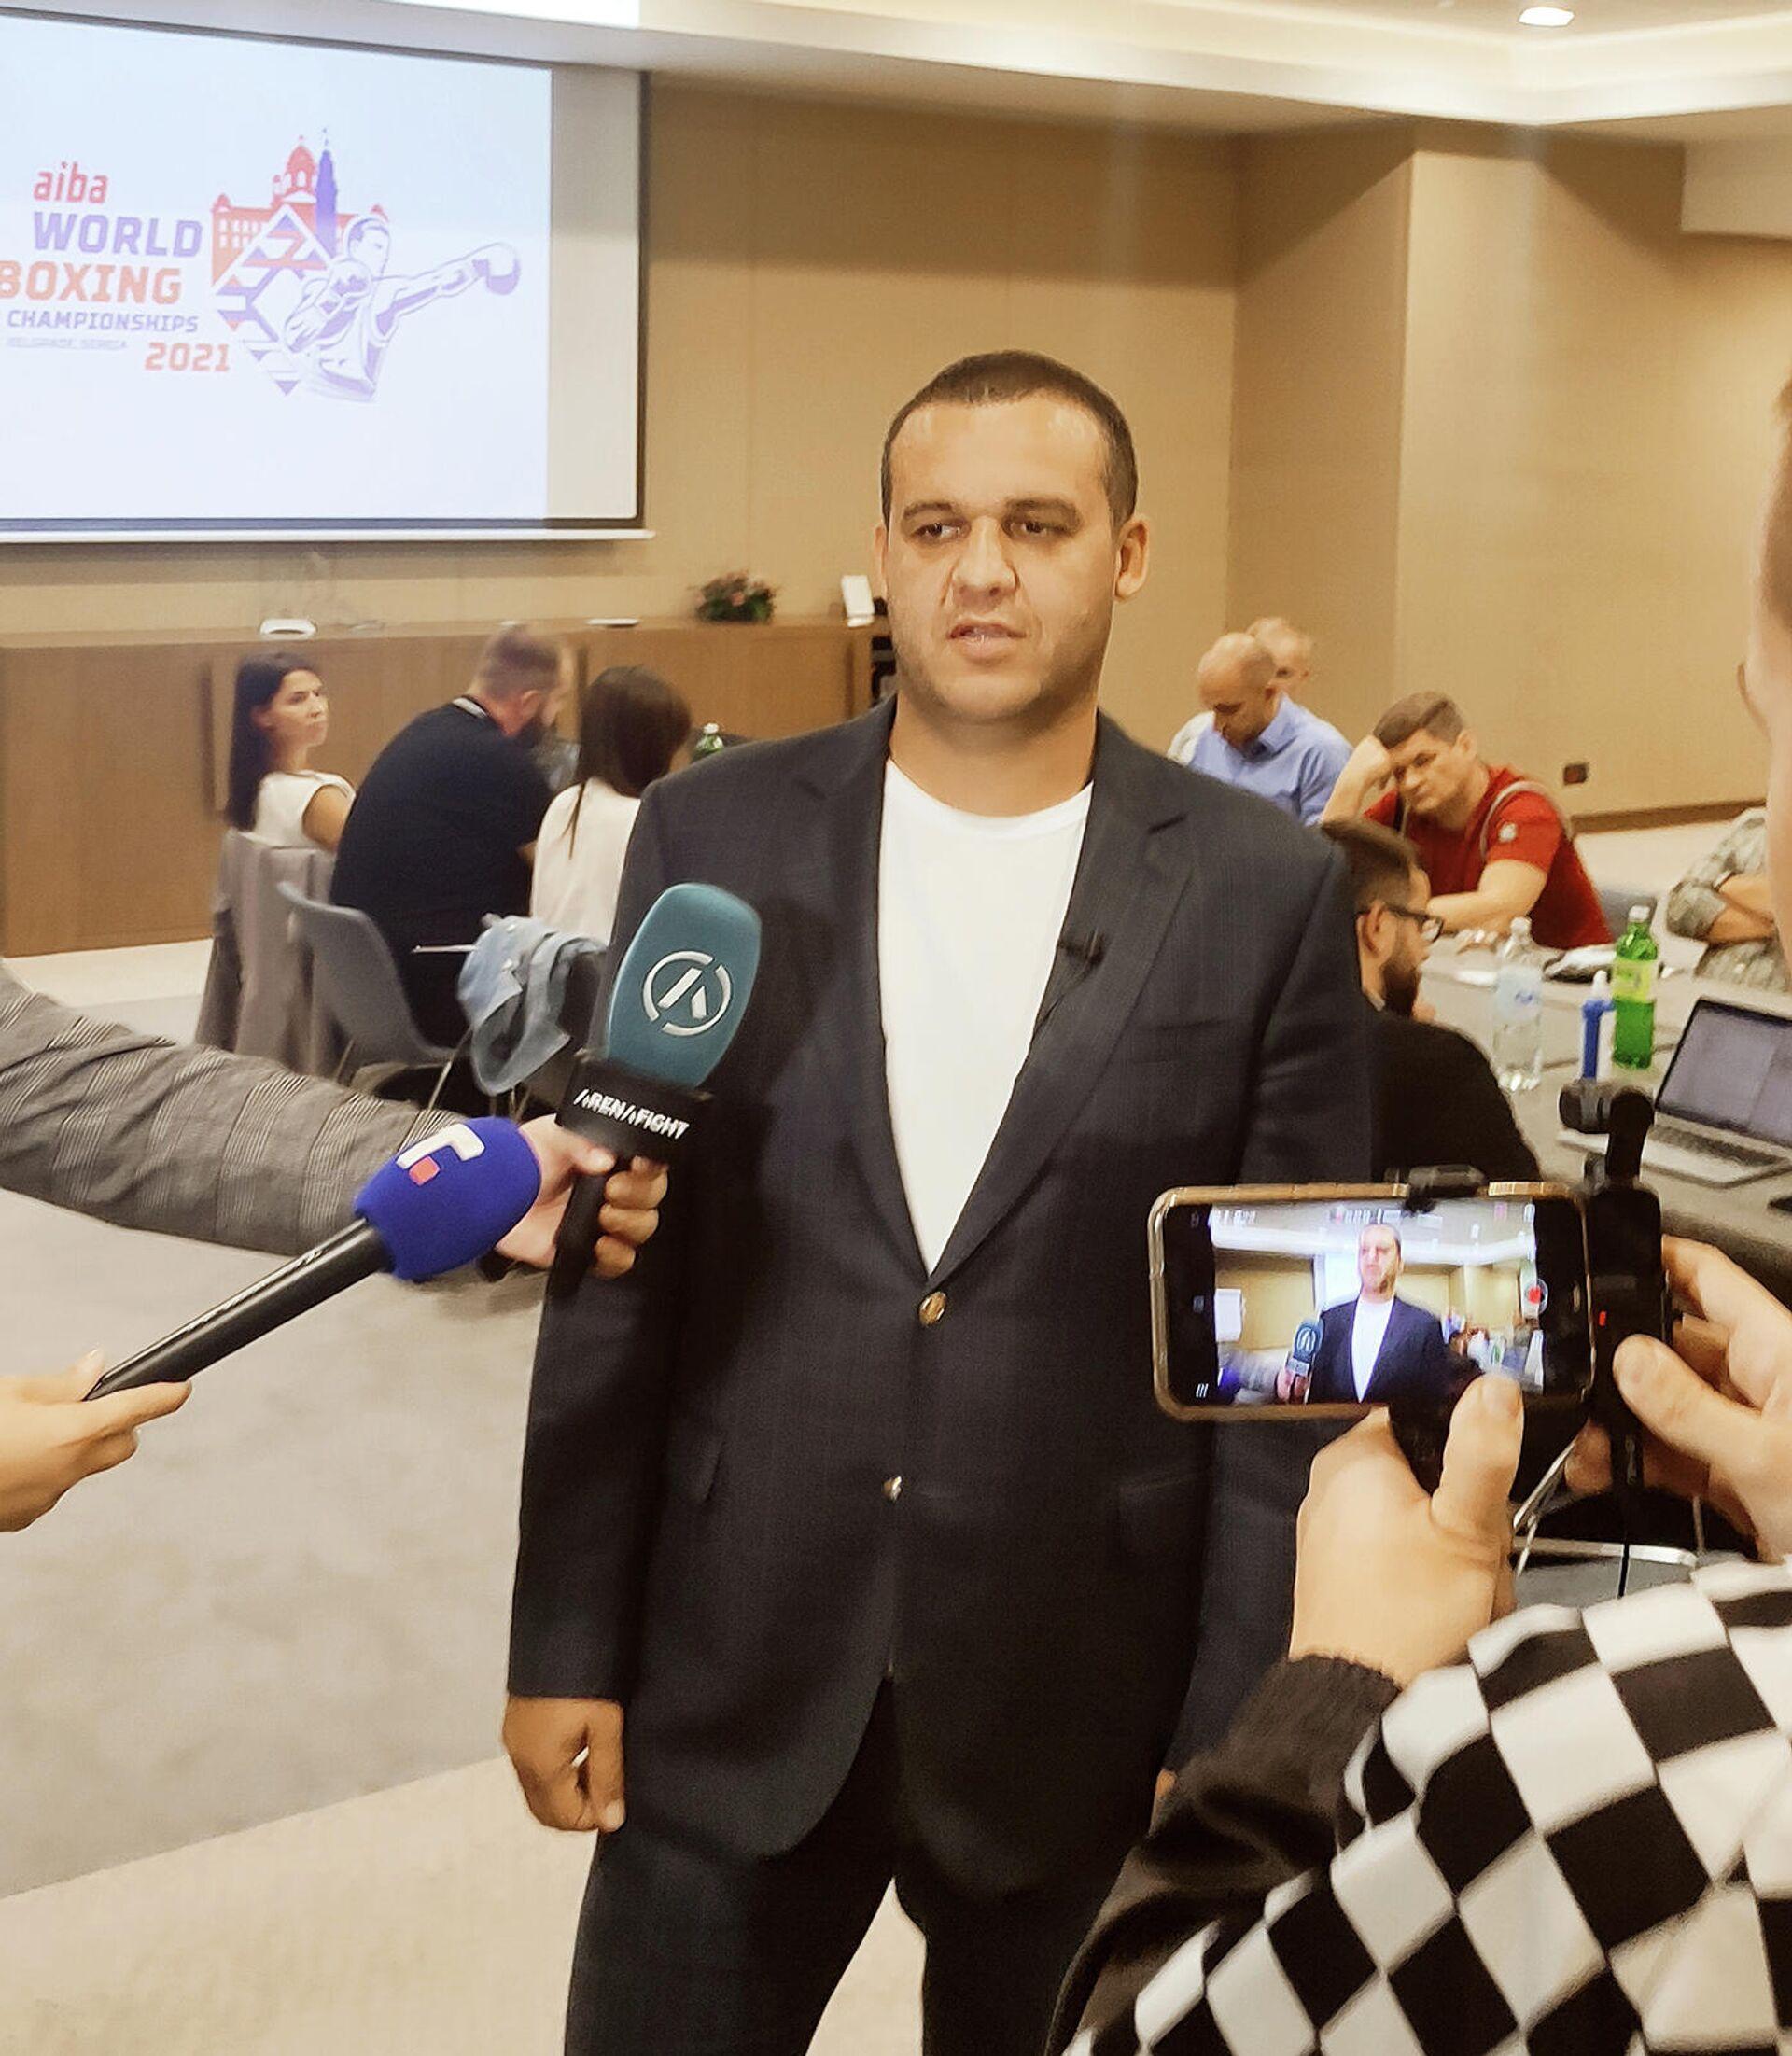 Sastanak LOK i AIBA za Svetsko prvenstvo u boksu u Beogradu (predsednik Umar Kremlev) - Sputnik Srbija, 1920, 04.10.2021